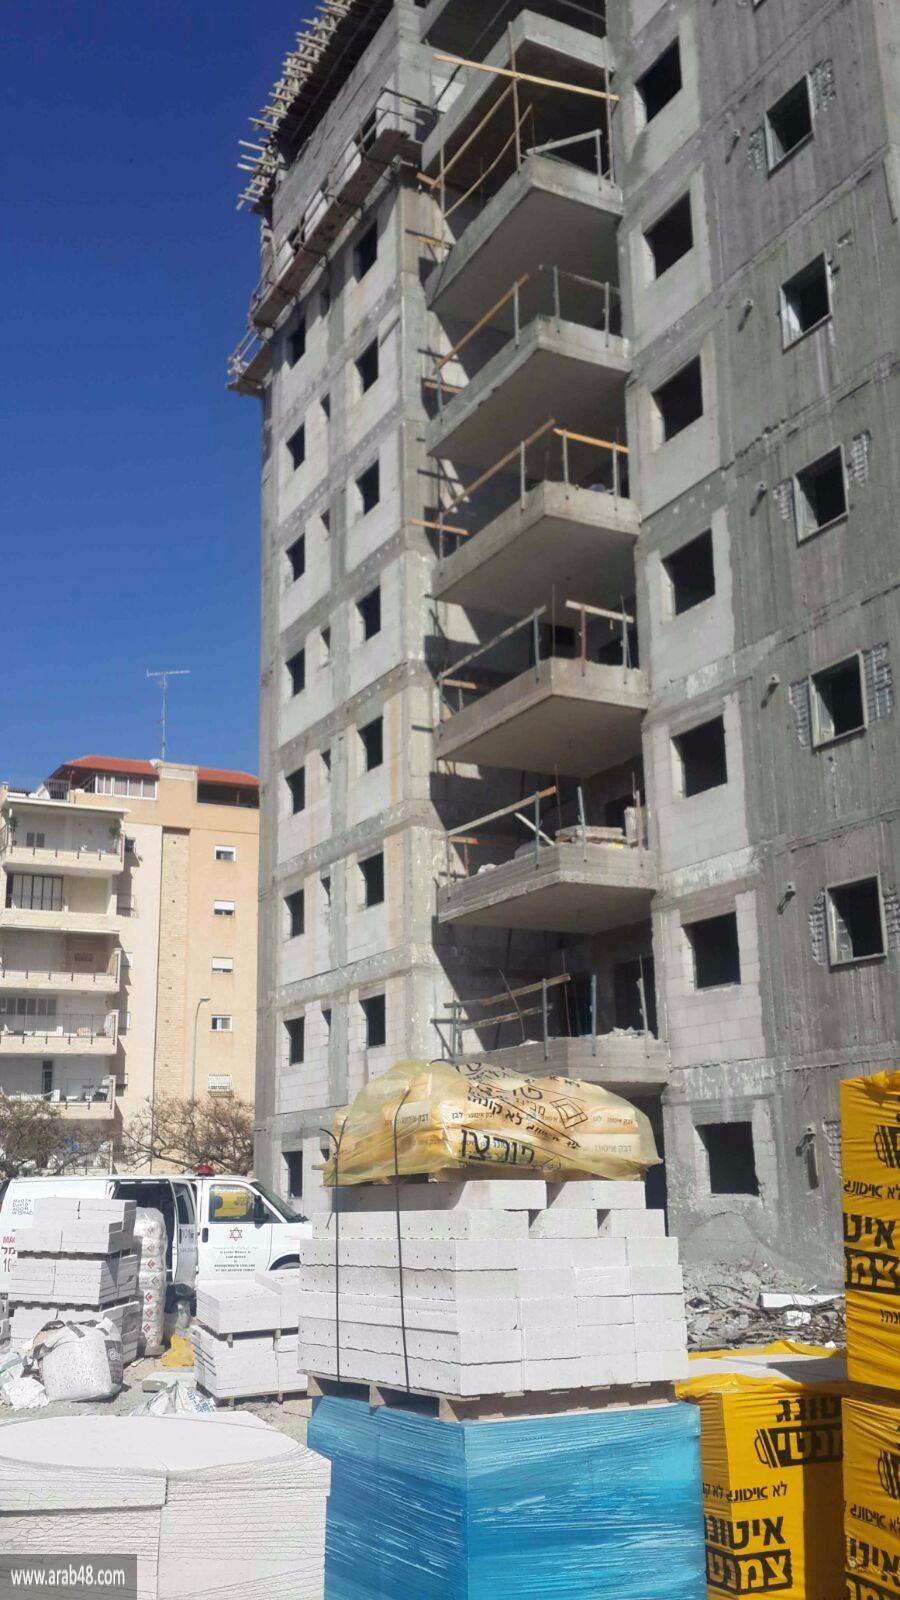 مصرع عامل من دير حنا إثر سقوطه بورشة عمل بمنطقة حيفا